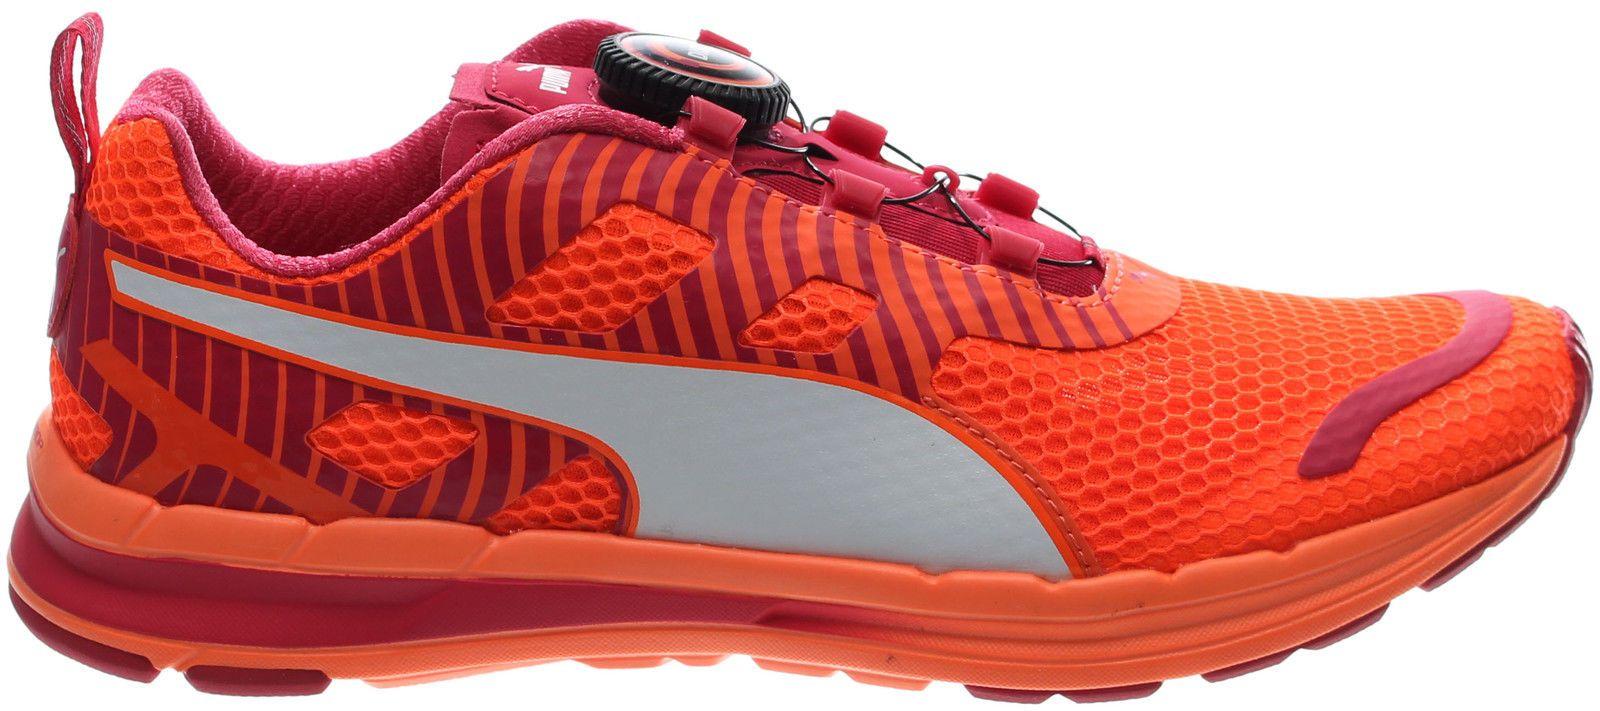 Mens Puma Speed 300 S Disc Orange Common Shopping Men